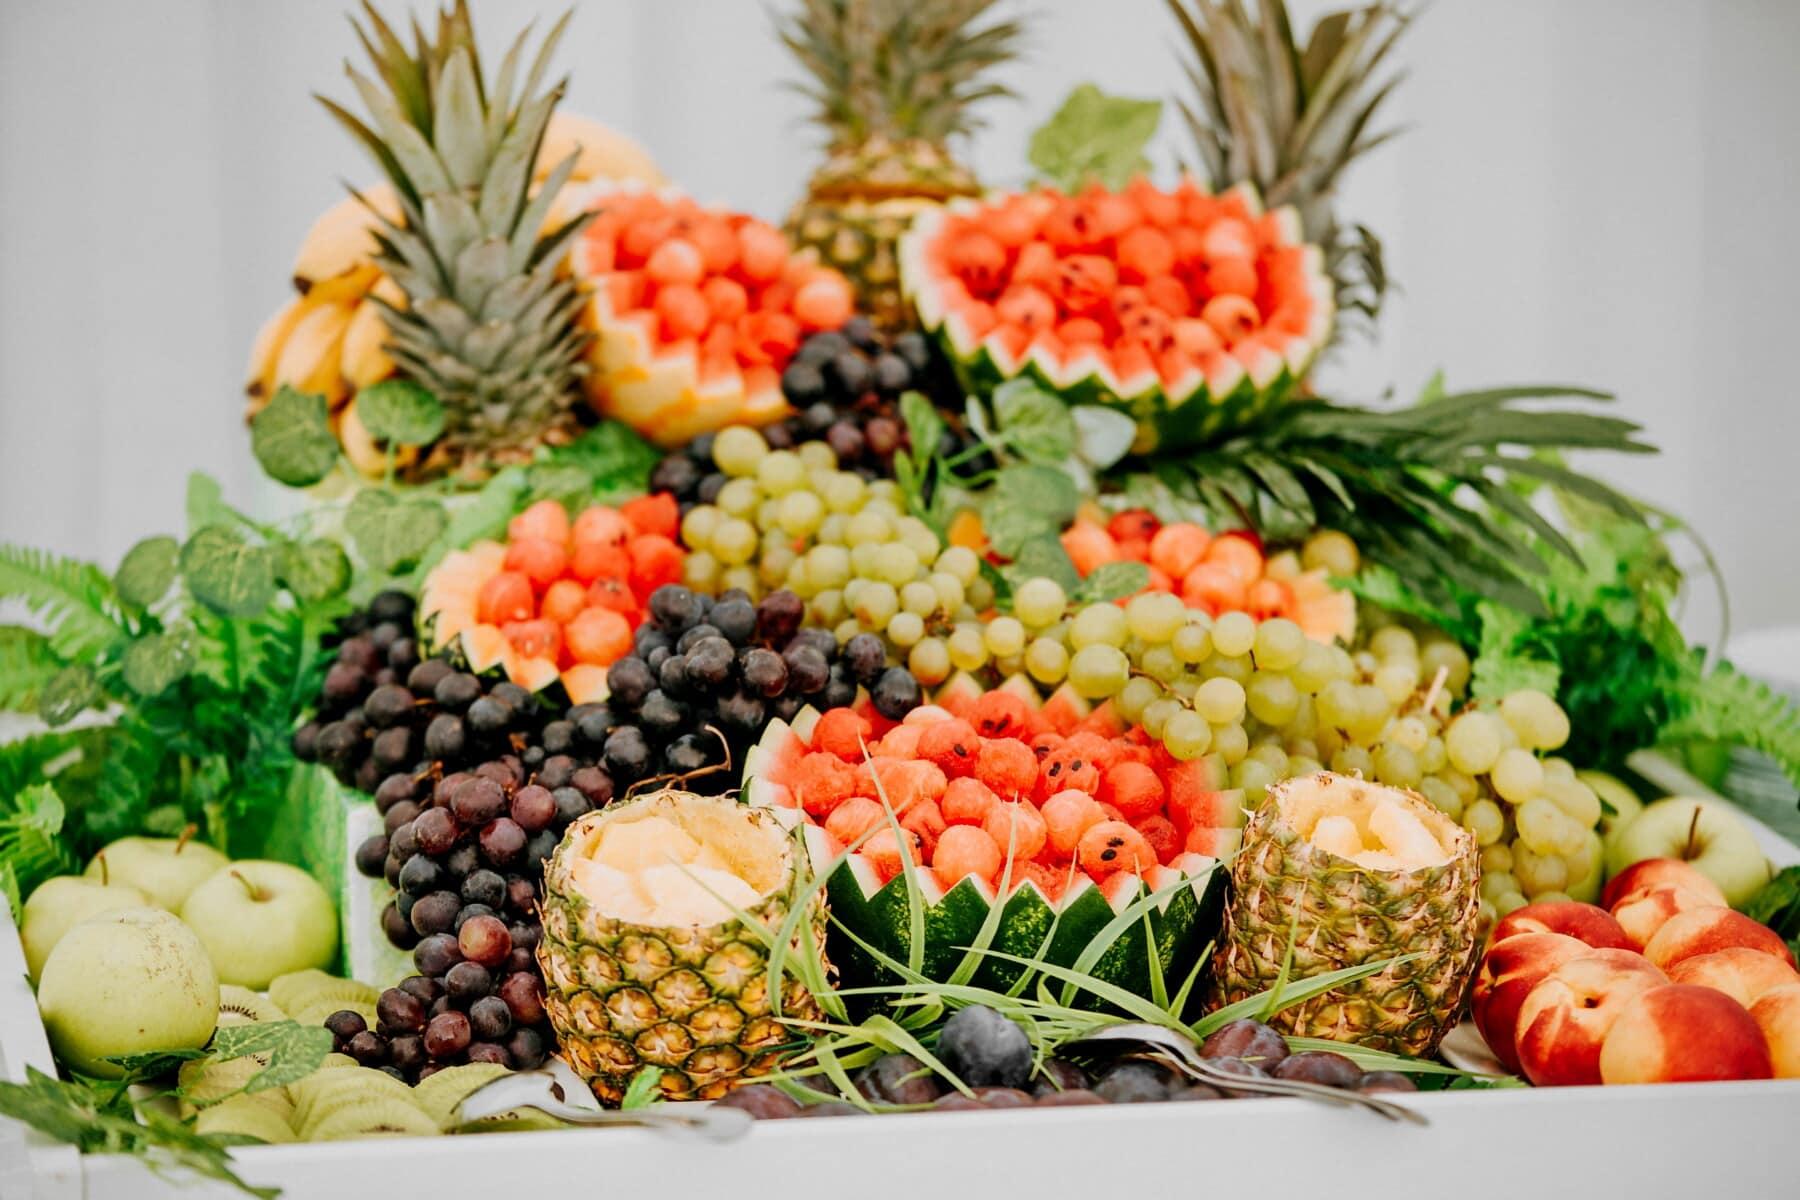 pommes, Peach, ananas, melon d'eau, banane, fruits, alimentaire, en bonne santé, santé, feuille